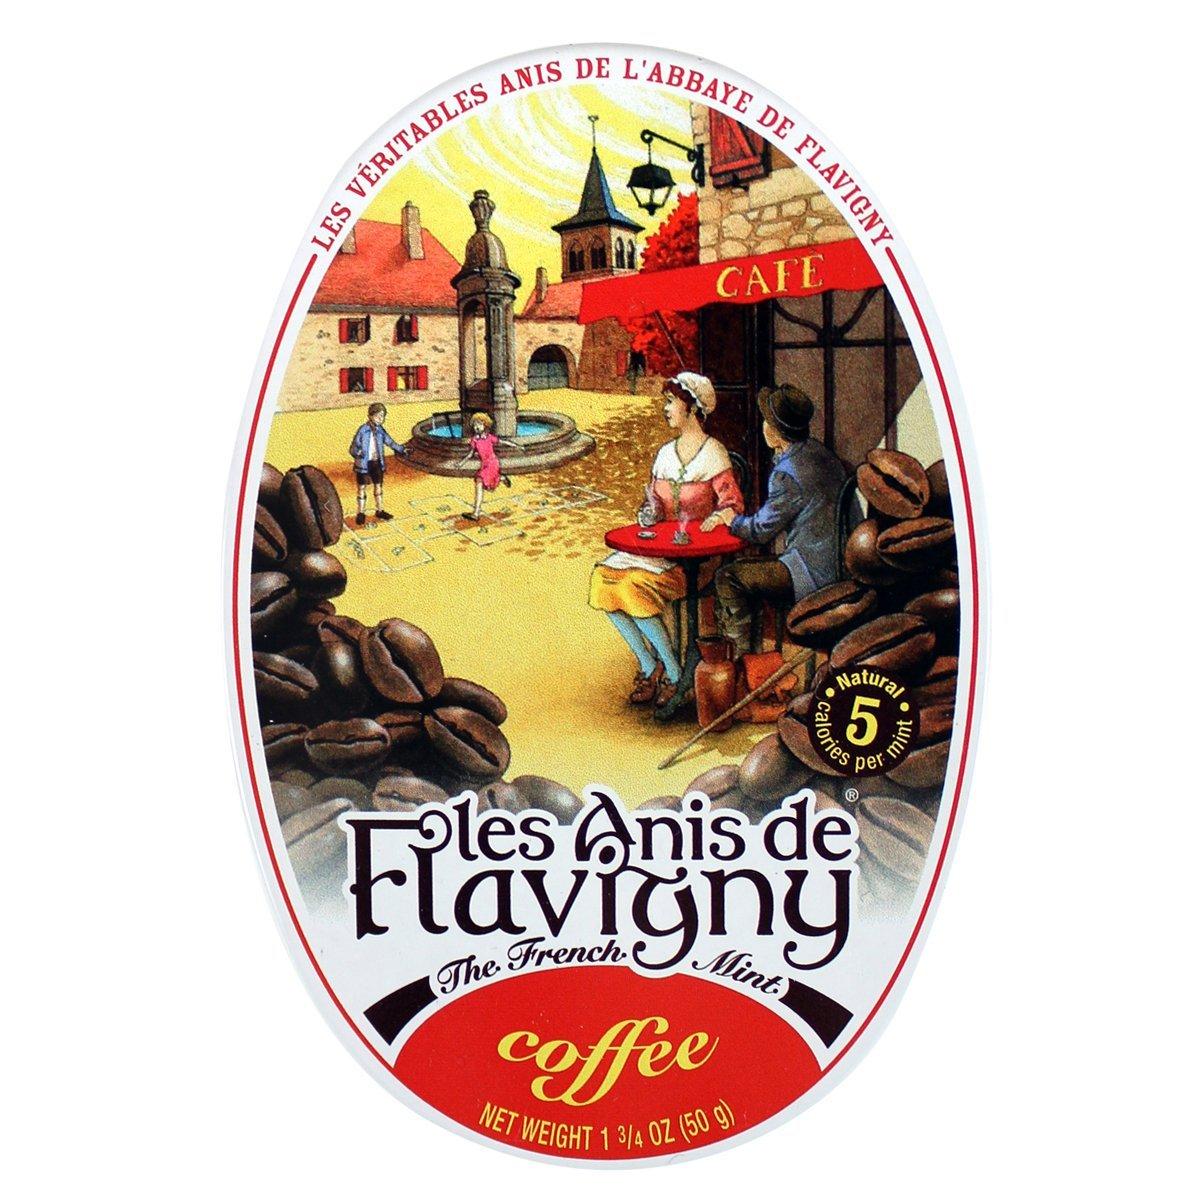 Anis De Flavigny 50g Gift Tin Box Cafe Coffee